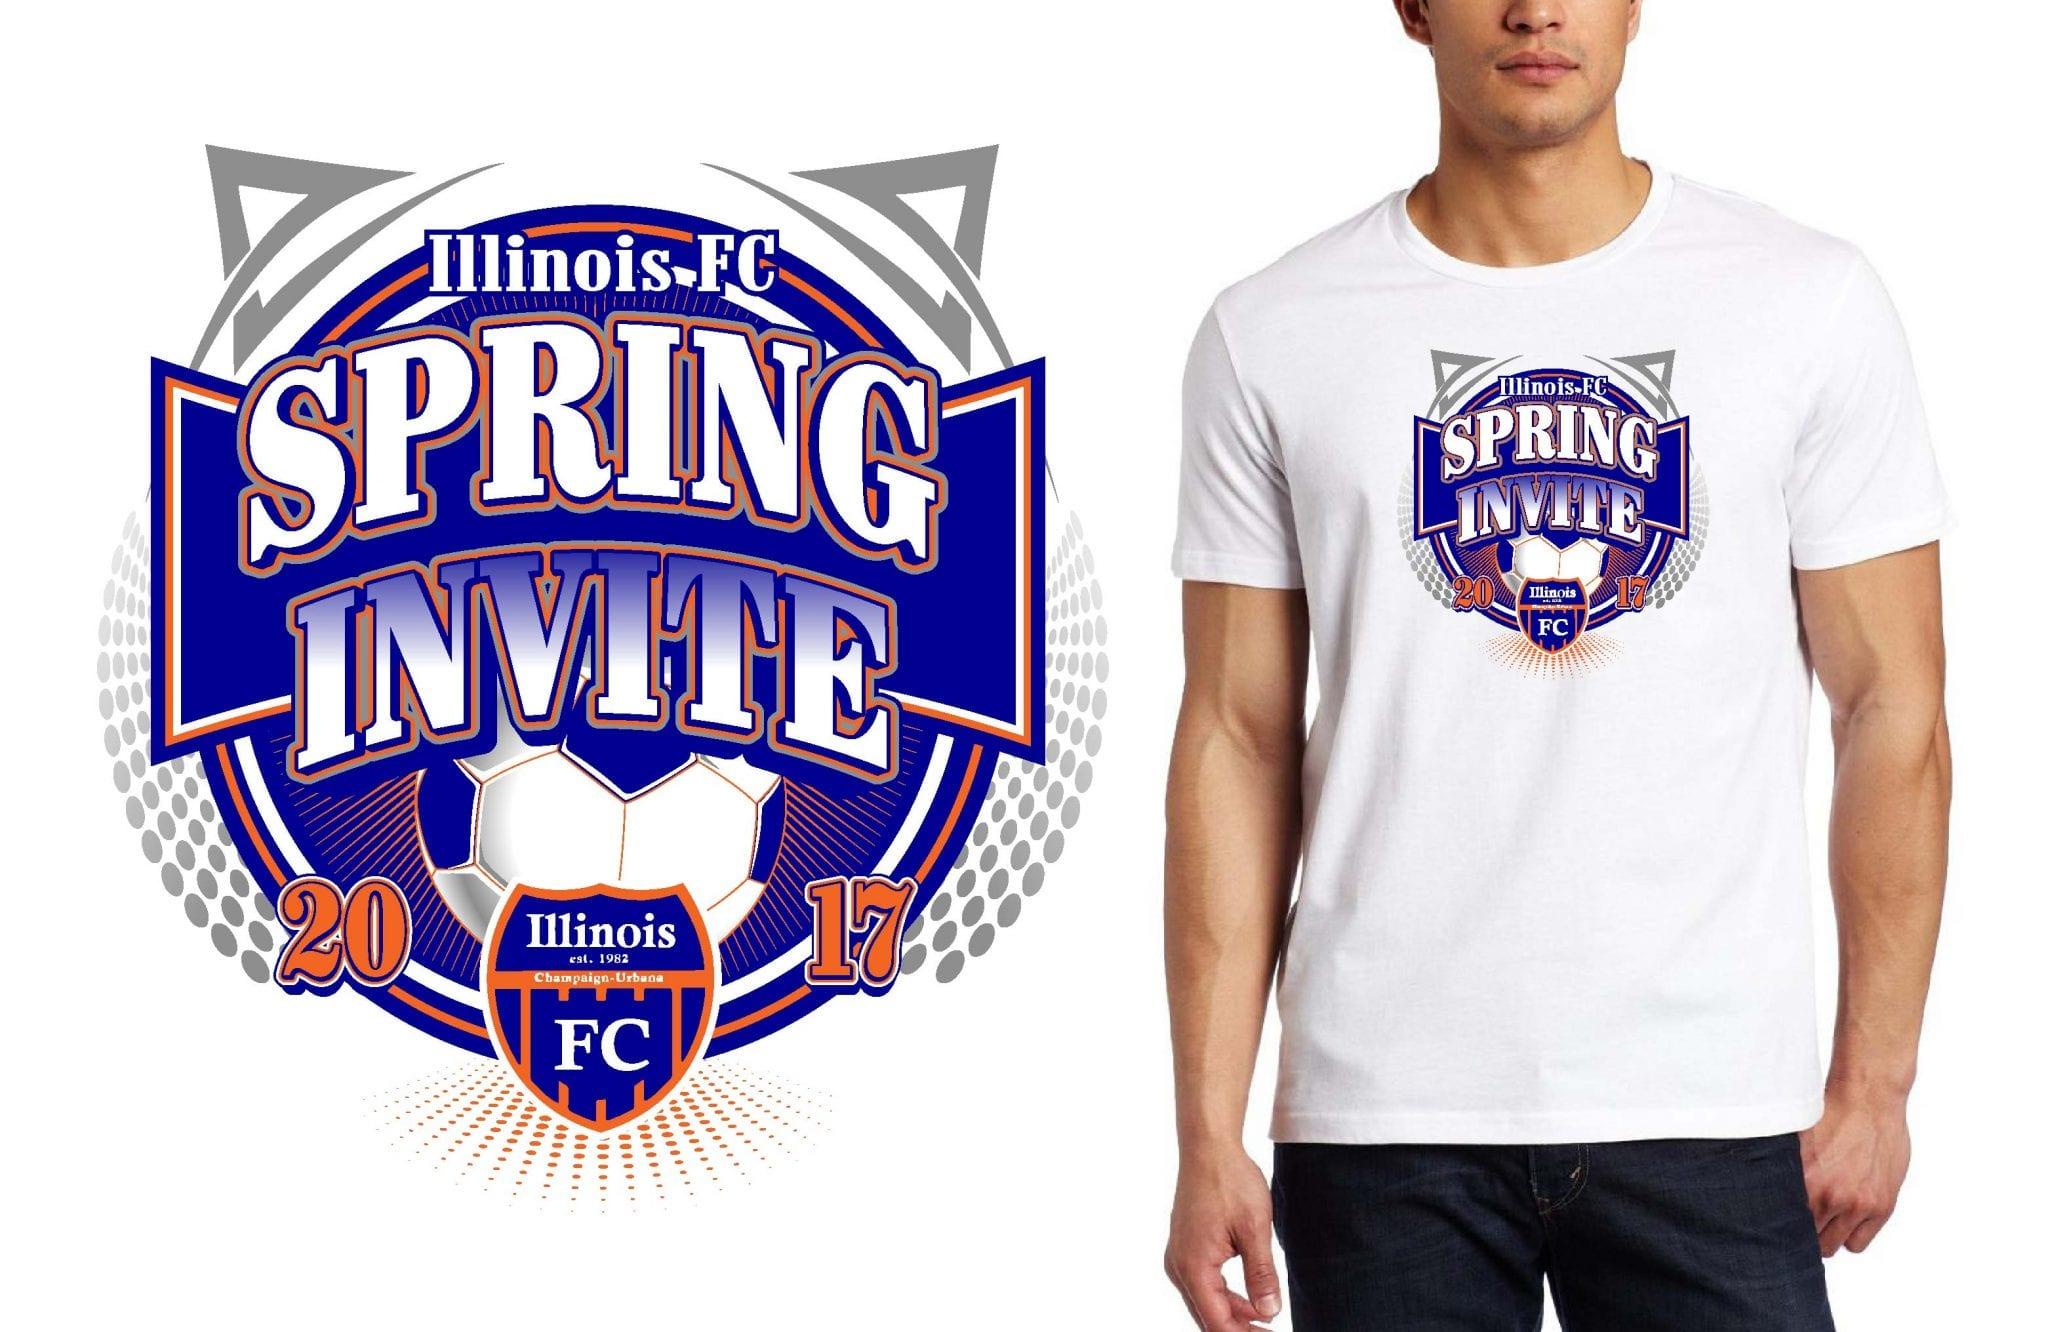 SOCCER LOGO for Illinois-FC-Spring-Invite T-SHIRT UrArtStudio